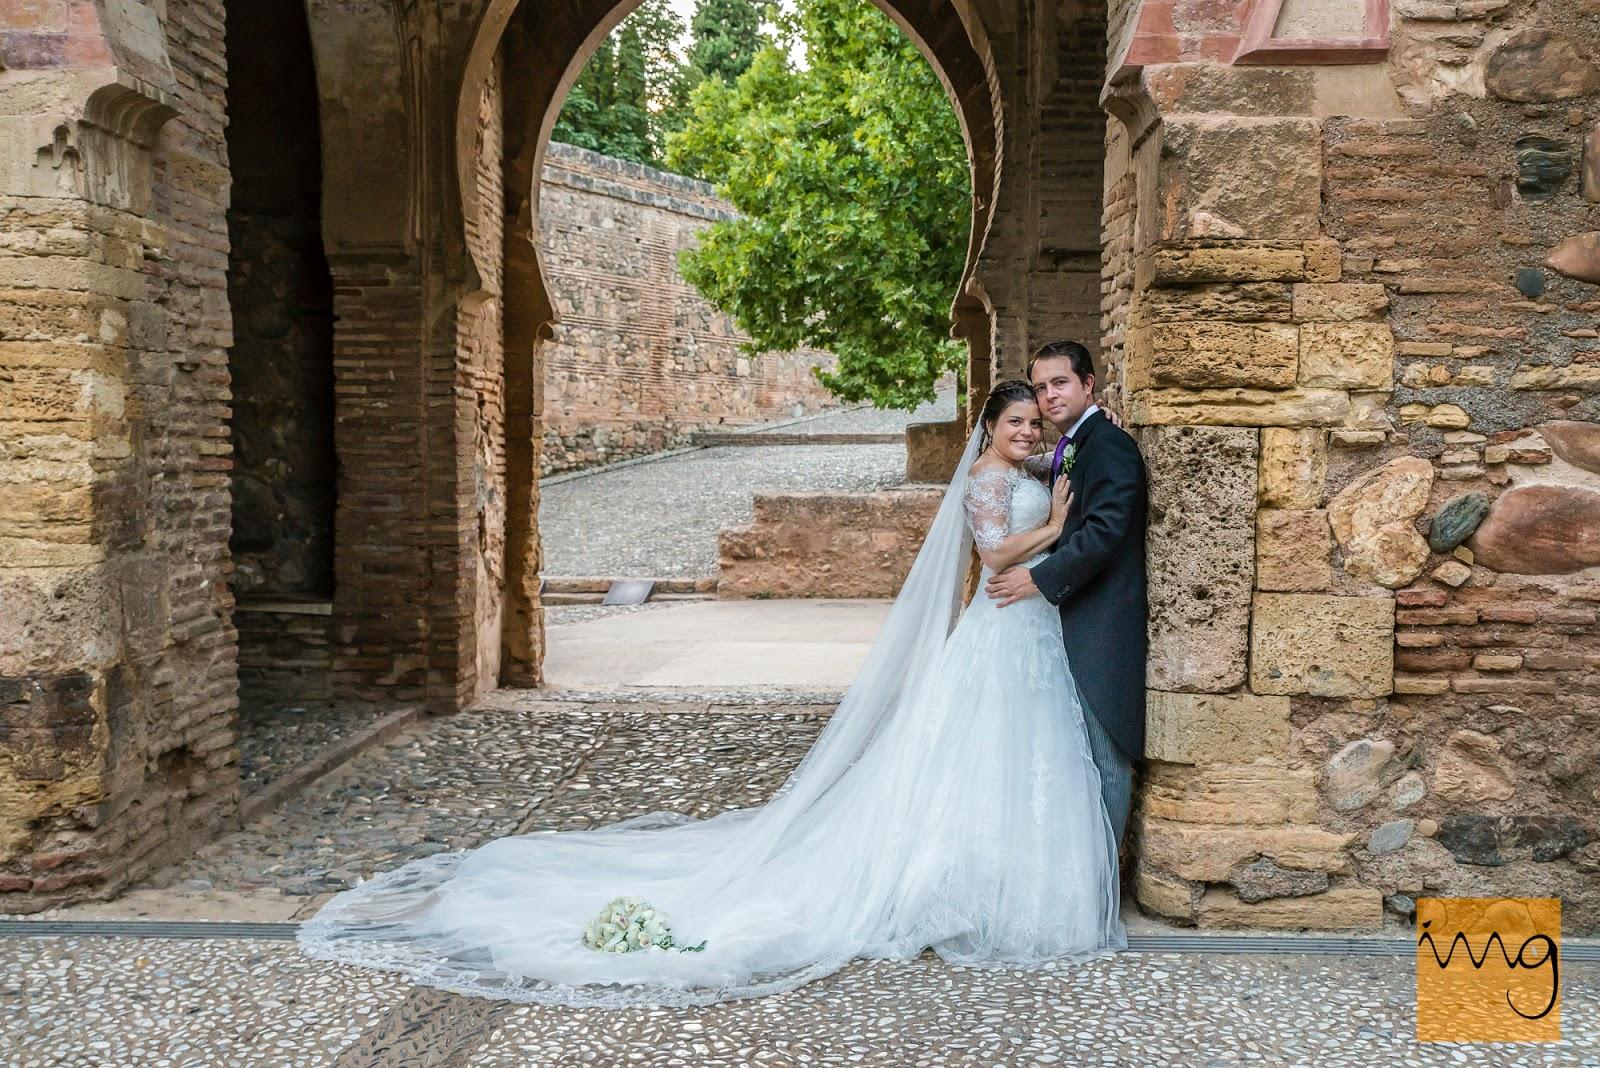 Fotografía de boda en la puerta de la alhambra, Granada.